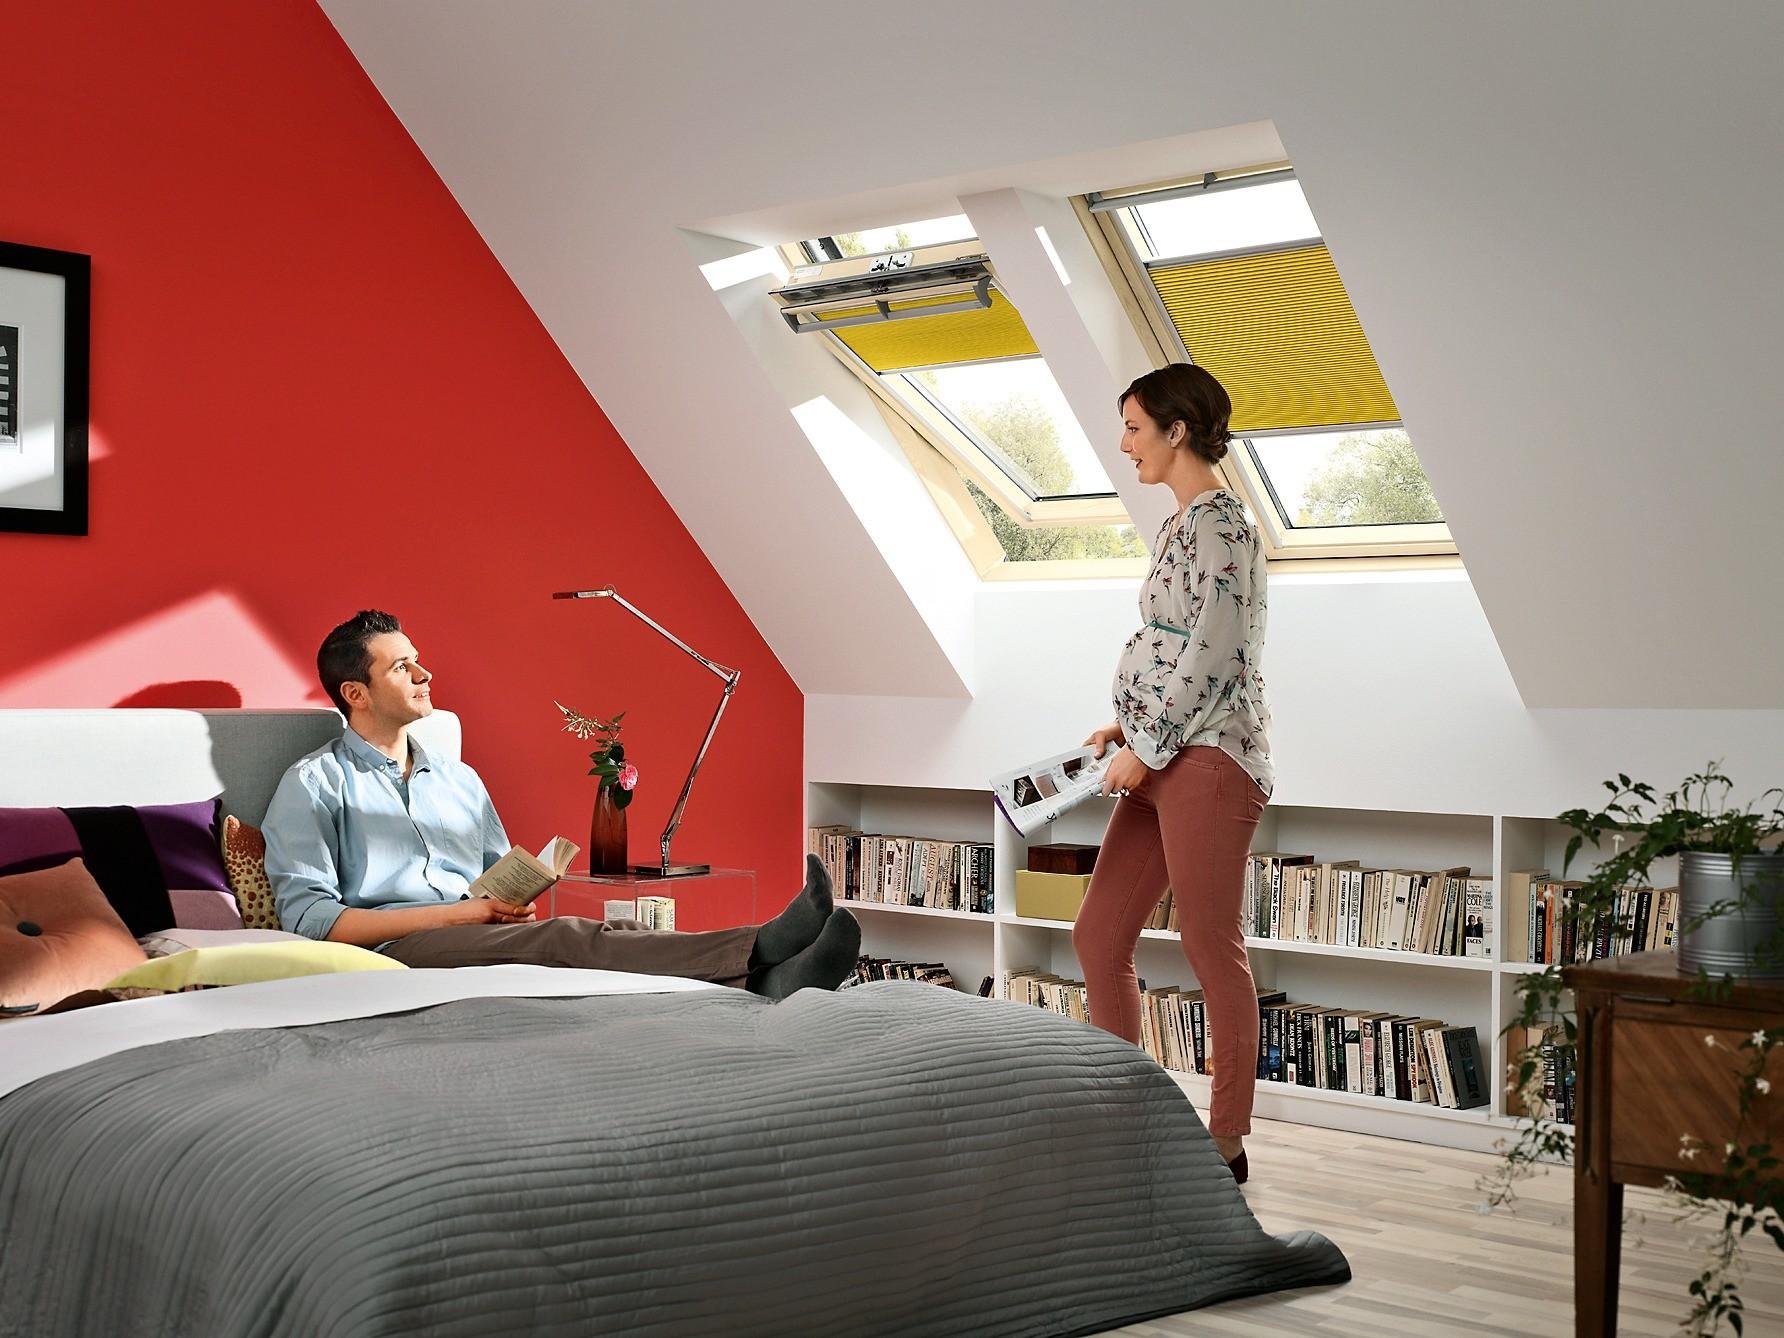 Мансардные окна можно оснастить шторами, жалюзи или маркизетами. Эти солнцезащитные аксессуары уменьшат нагрев комнат вжаркие дни.